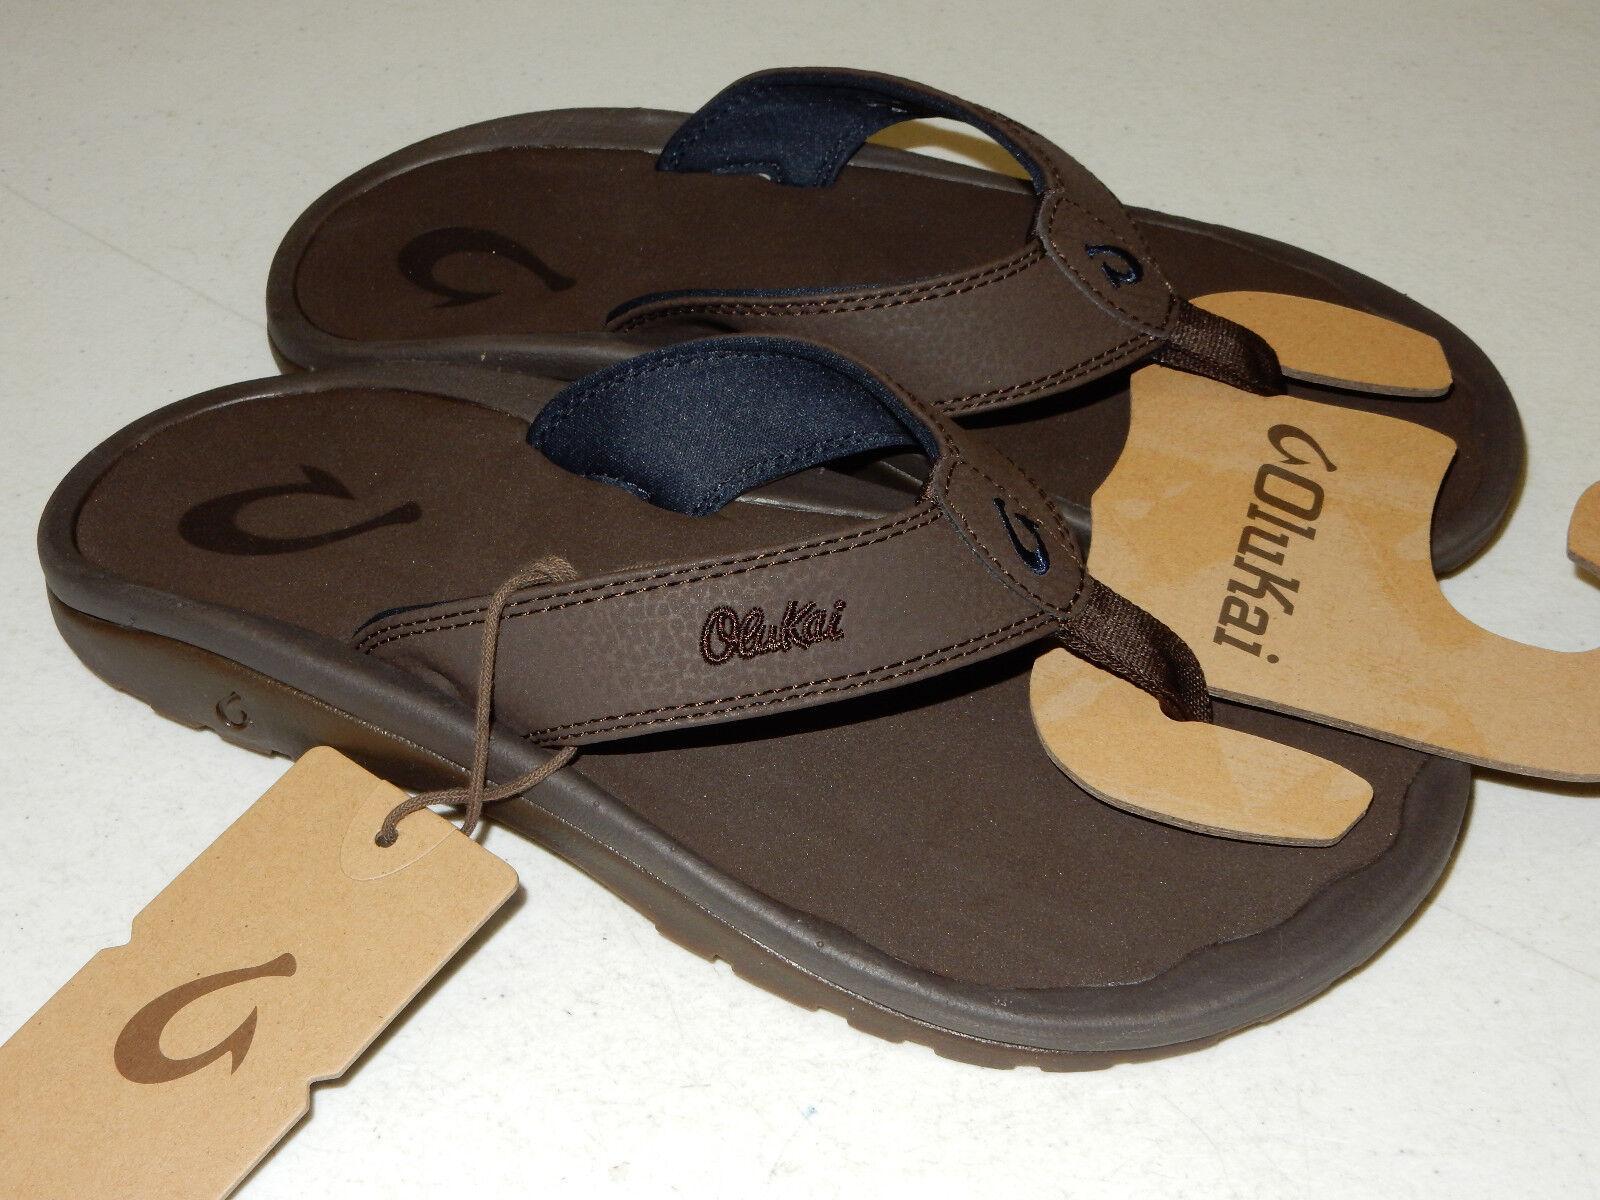 Sandali e scarpe per il mare da uomo OLUKAI uomoS SANDALS OHANA DARK WOOD SIZE 8